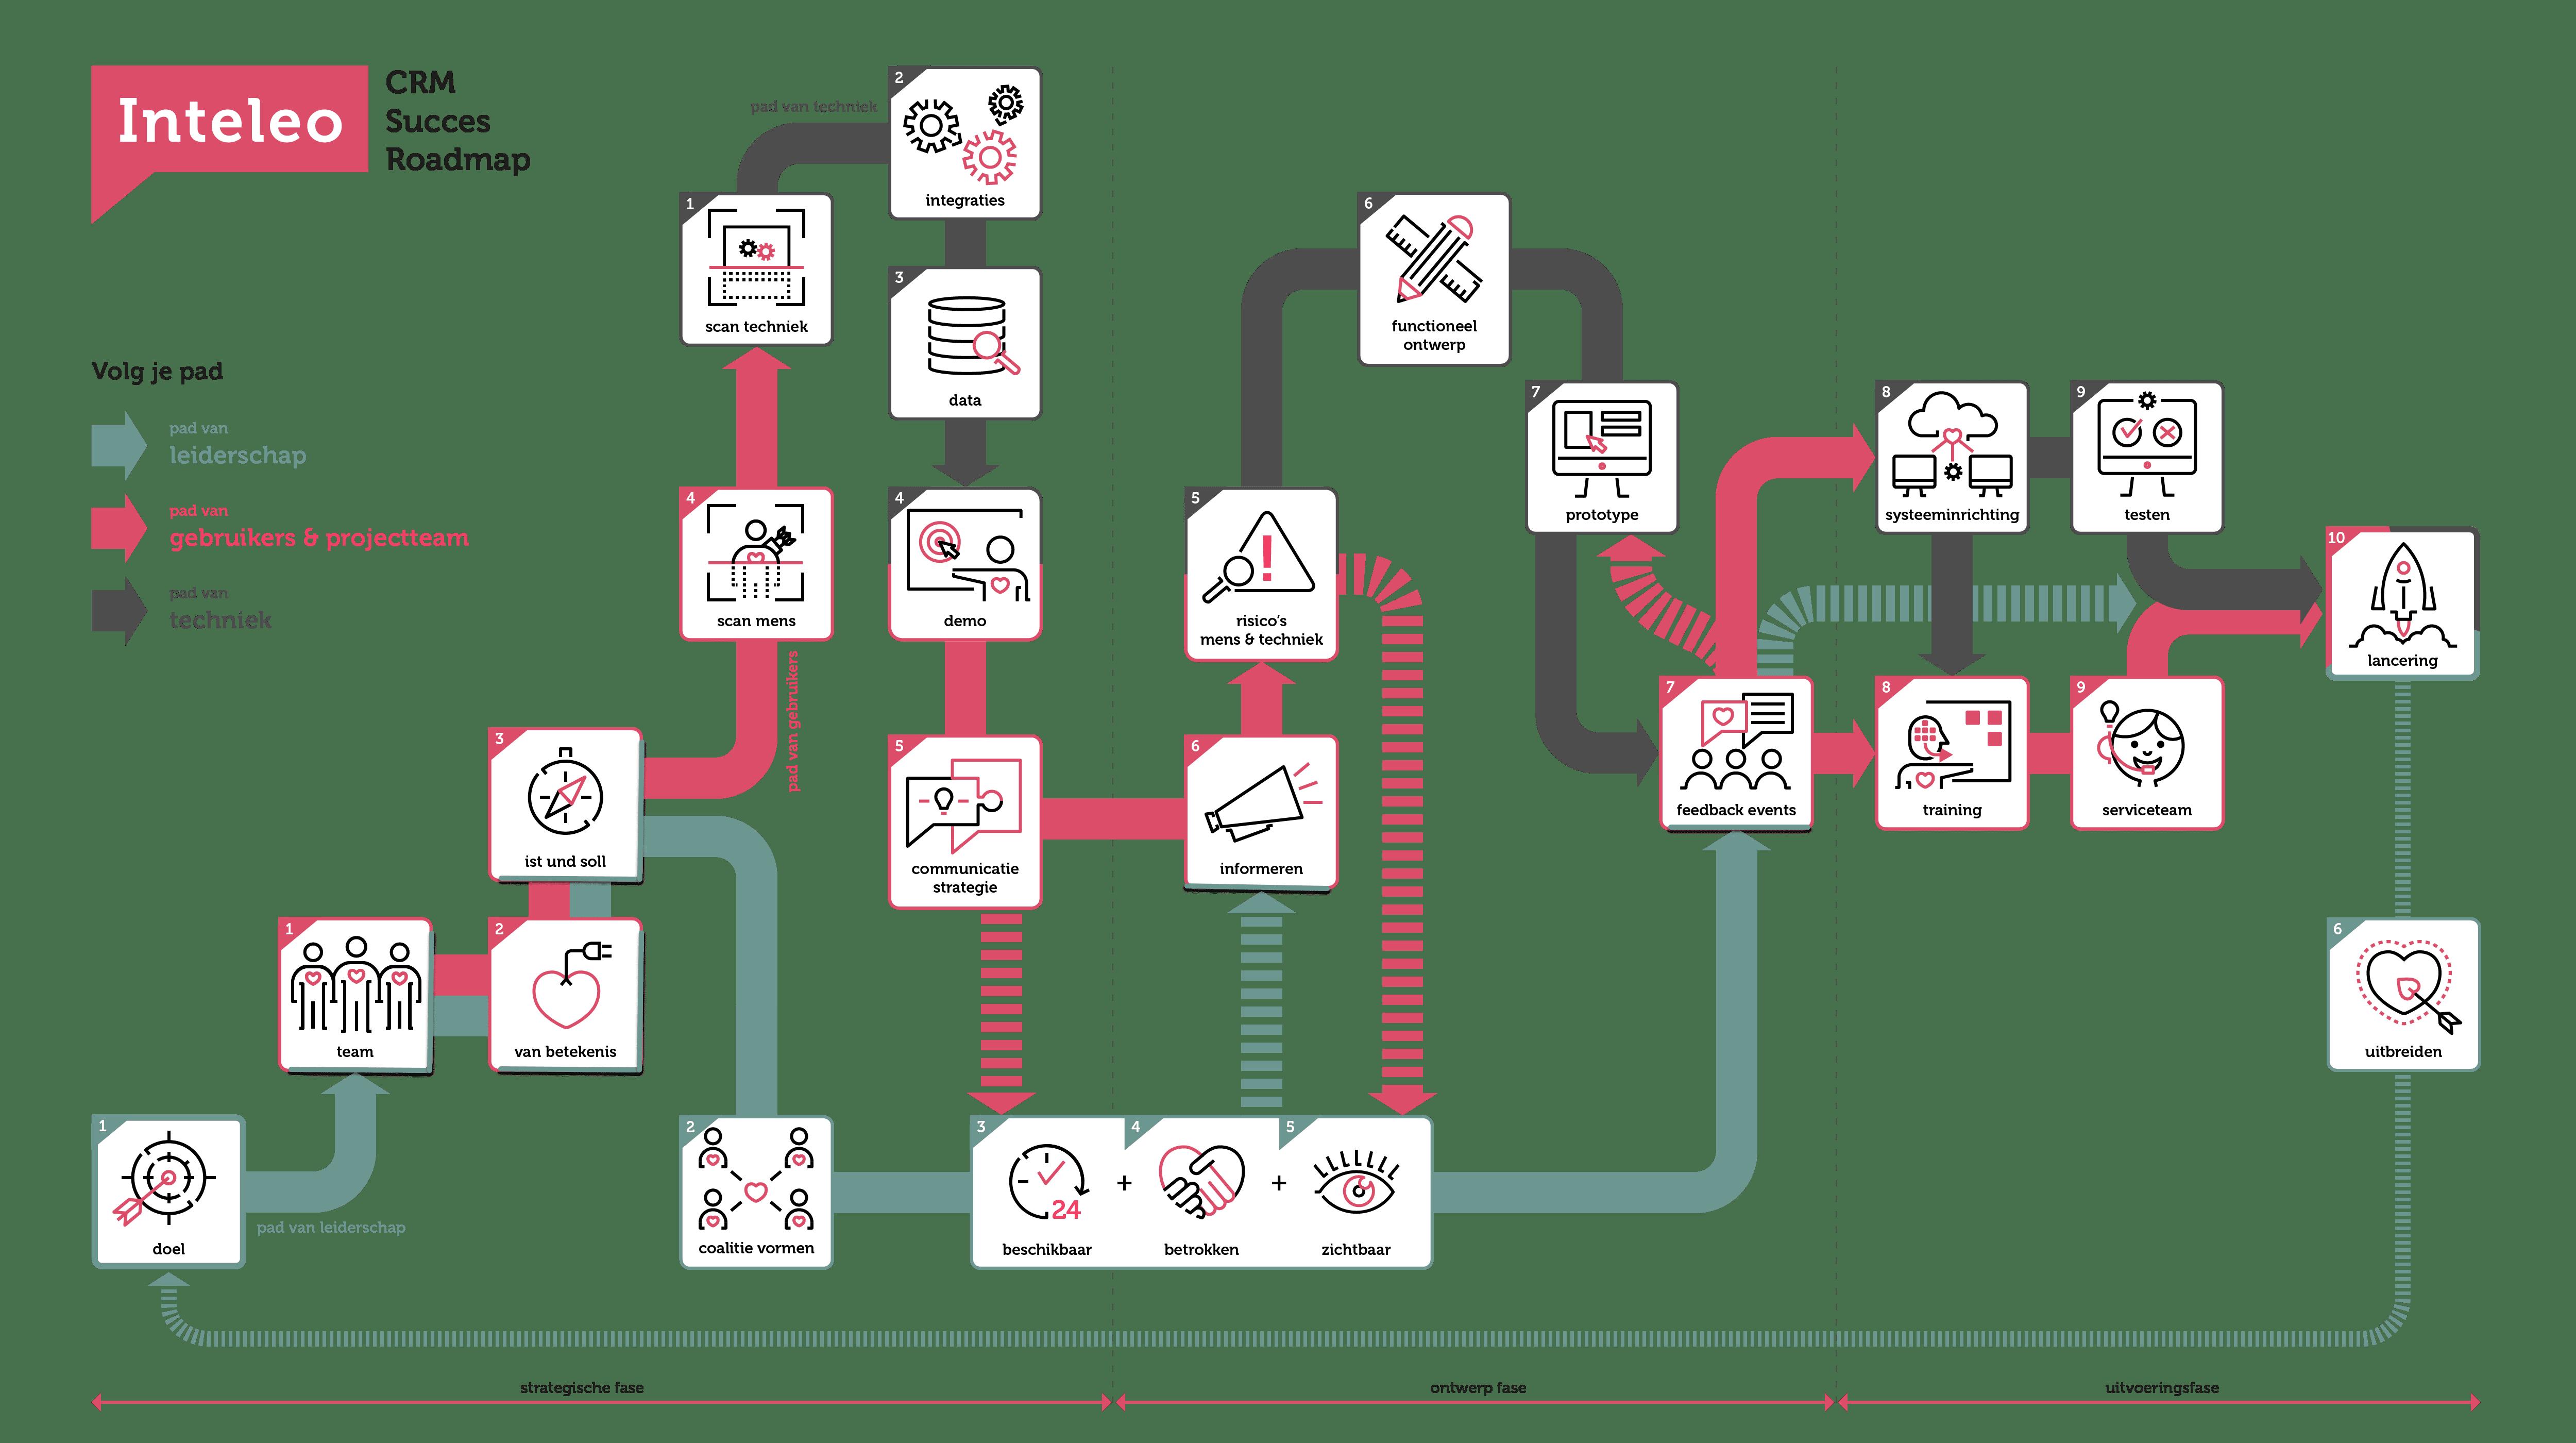 Inteleo CRM Succes Roadmap